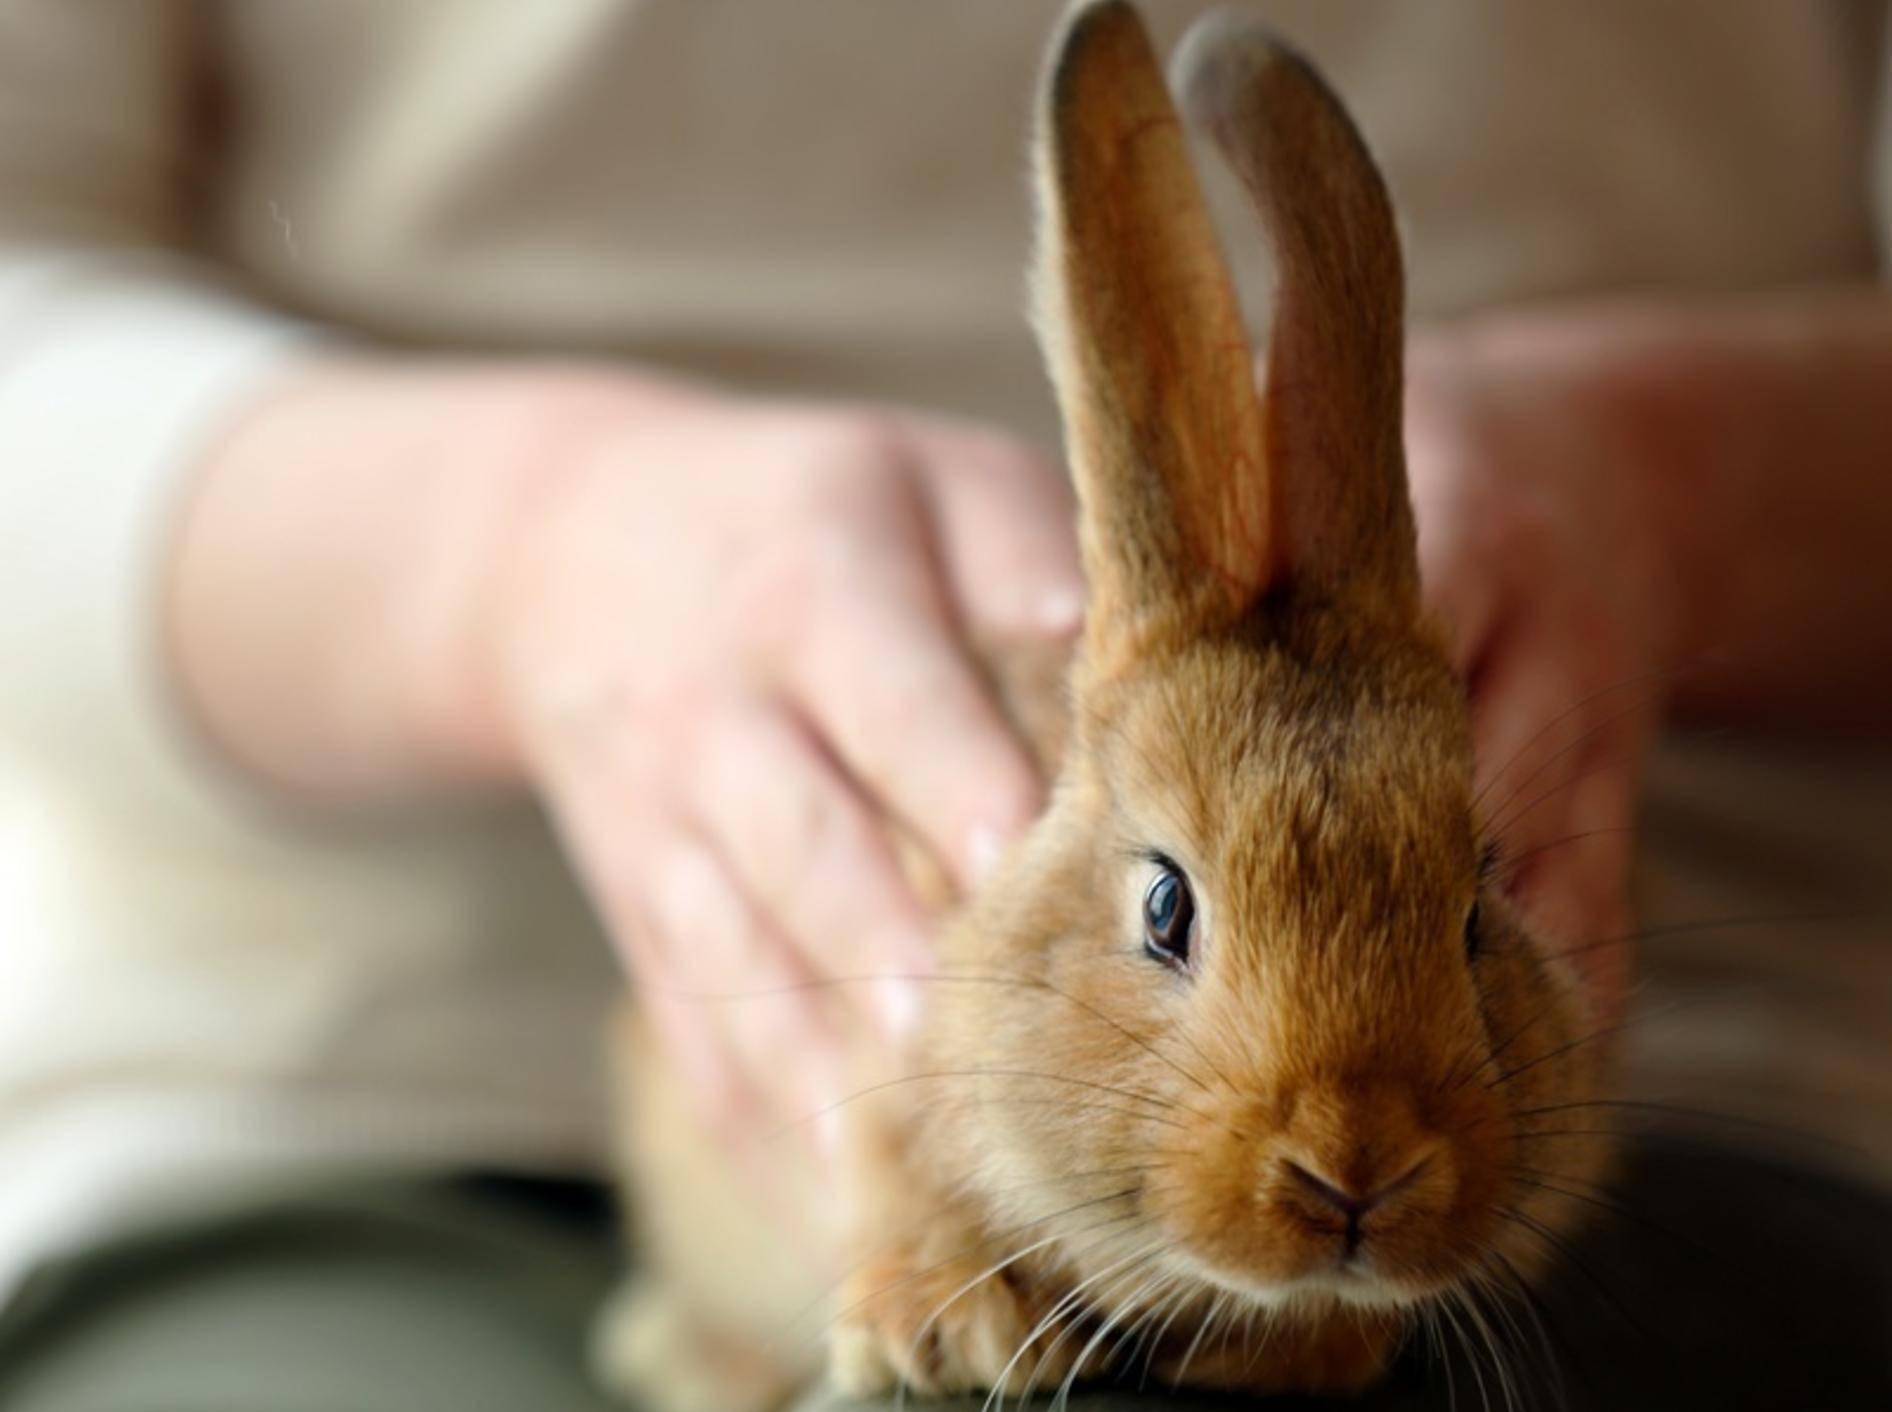 Insbesondere Kaninchen mit Stehohren verfügen über eine klare Körpersprache. – shutterstock / Africa Studio